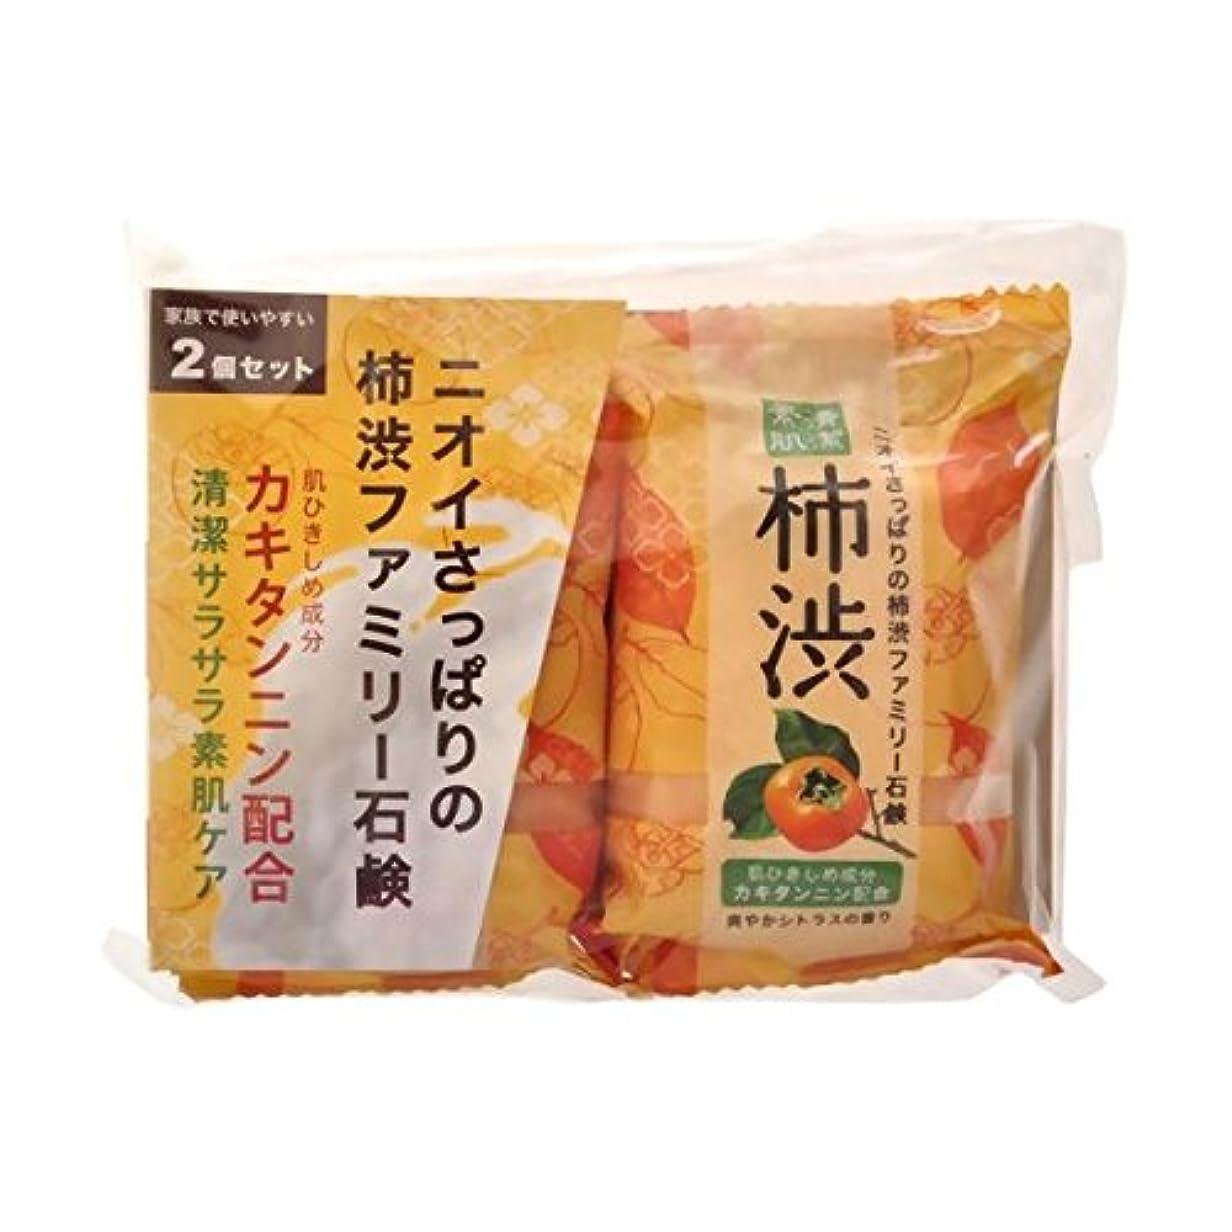 シーケンスパラメータレディ【お徳用 6 セット】 ペリカン 柿渋ファミリー石鹸 80g×2個×6セット